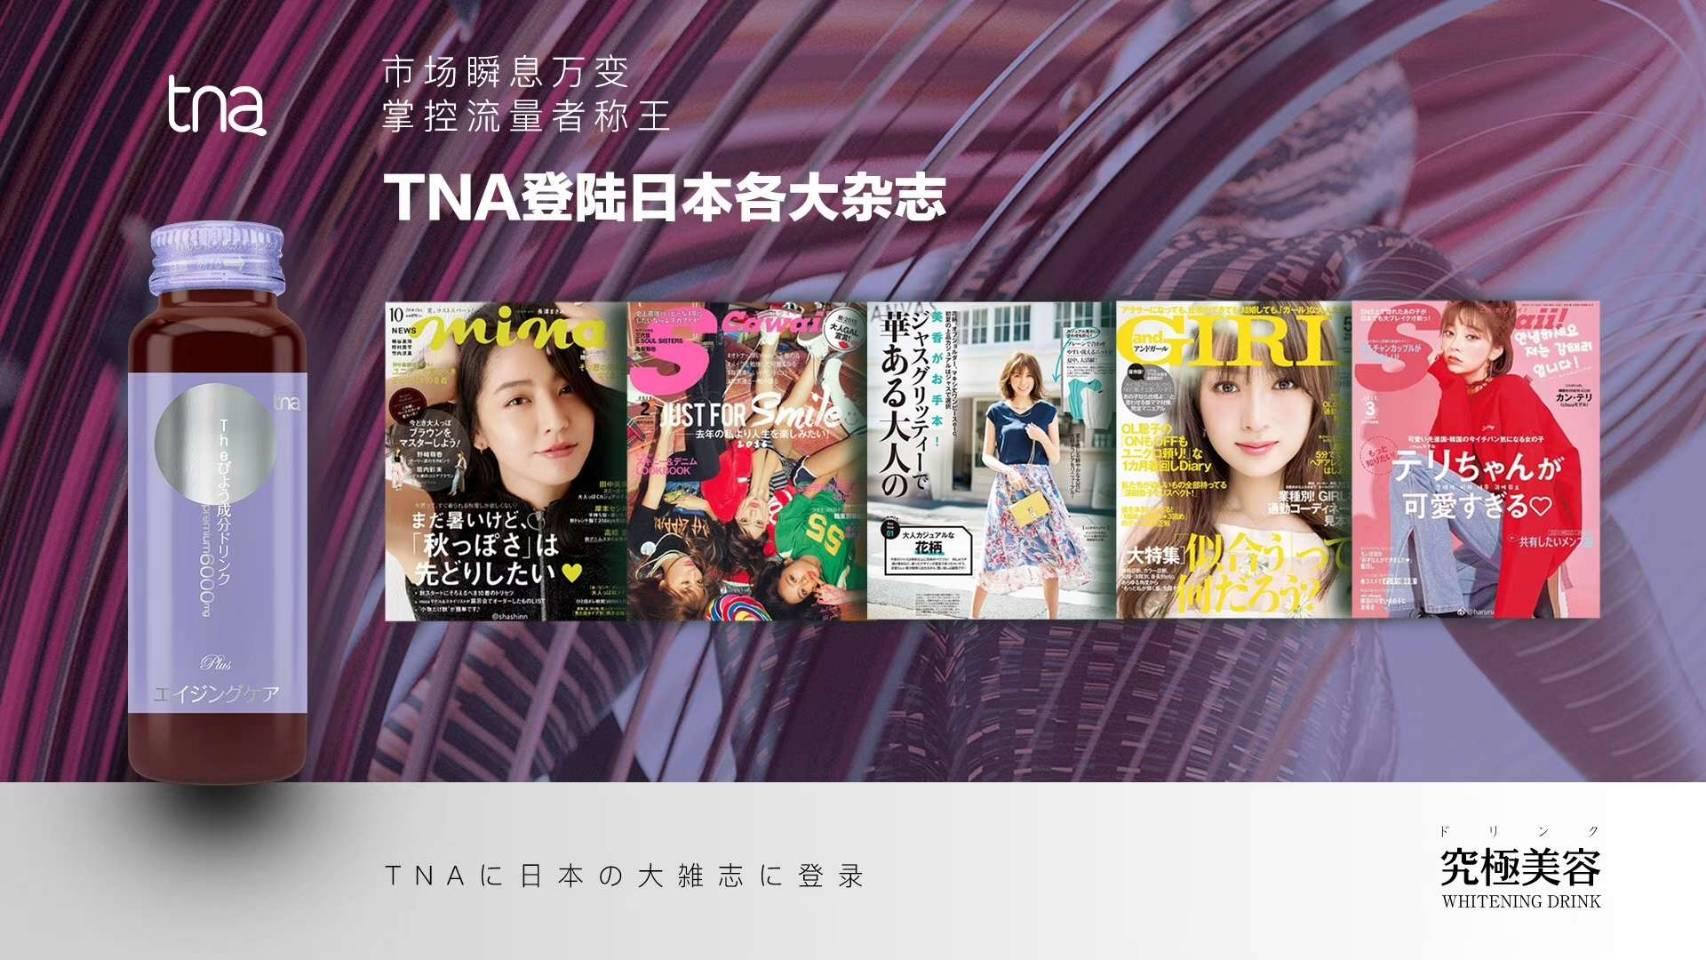 立於品質勝於市場–TNA榮登日本時尚雜誌